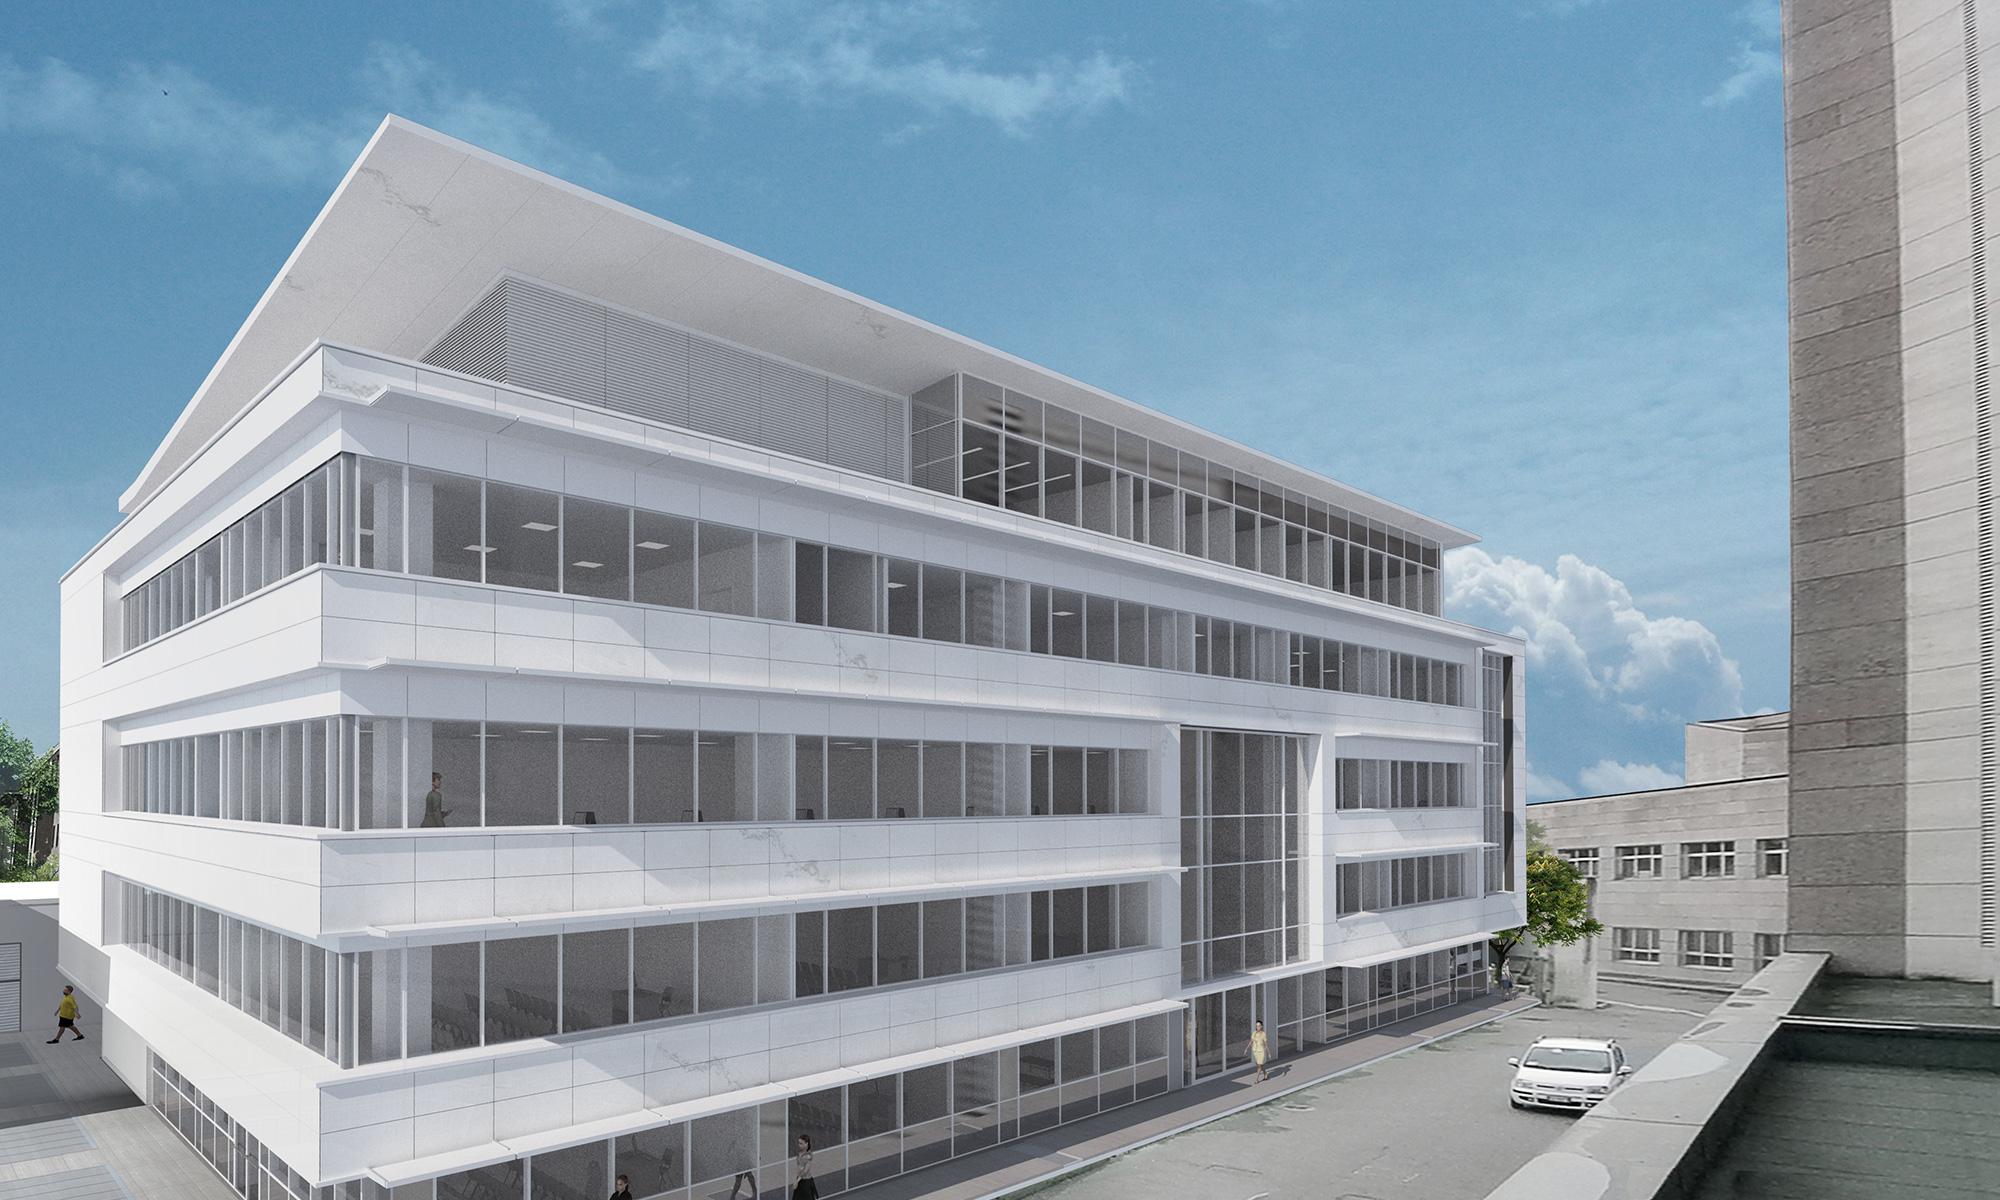 Ingegnere Ed Architetto Lucia Foroni, Binini Partners, Società di architettura e ingegneria, Reggio Emilia, Italia